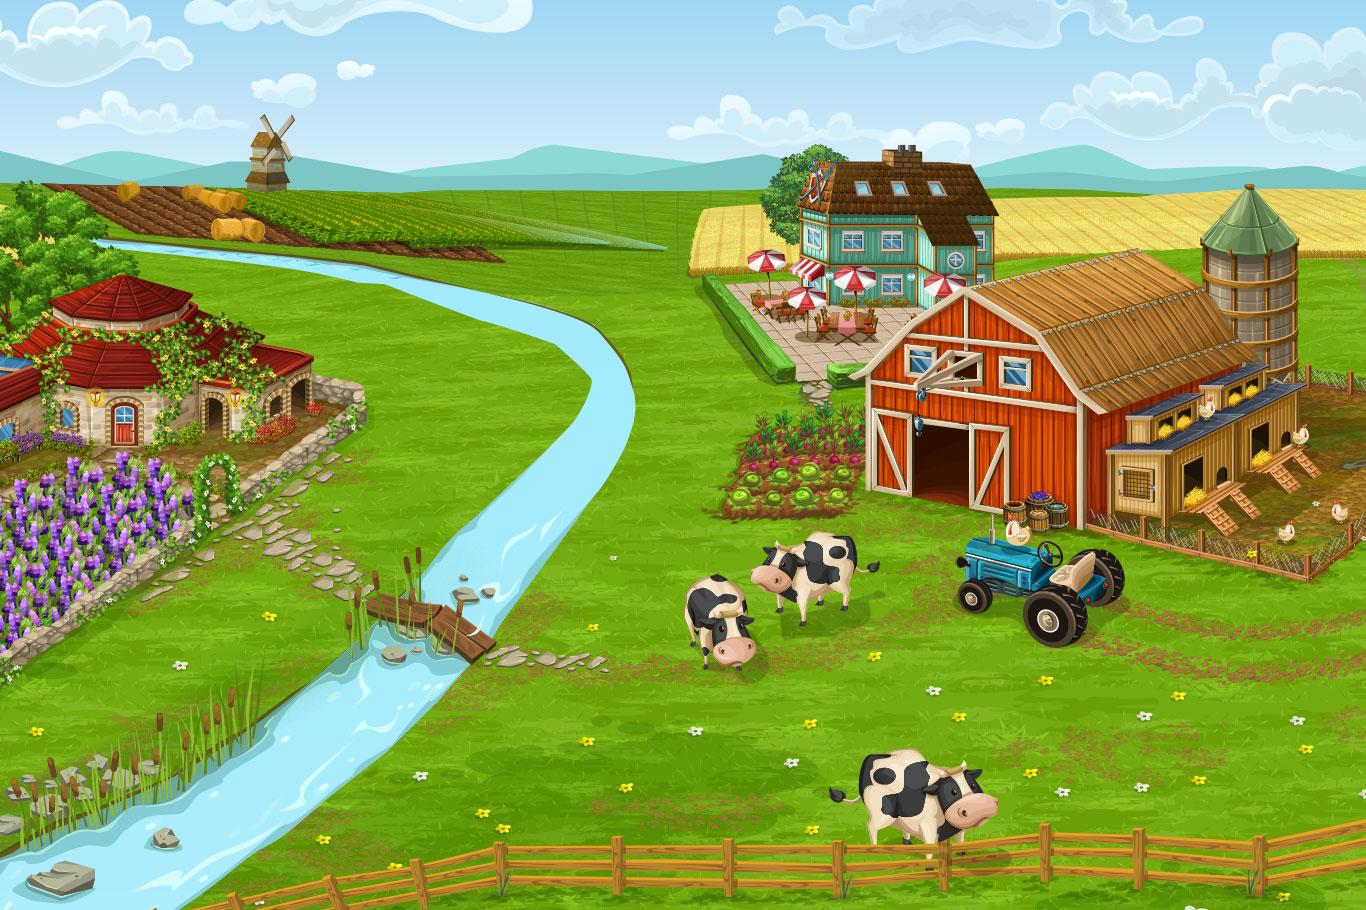 связь красивые картинки для игр ферм будра